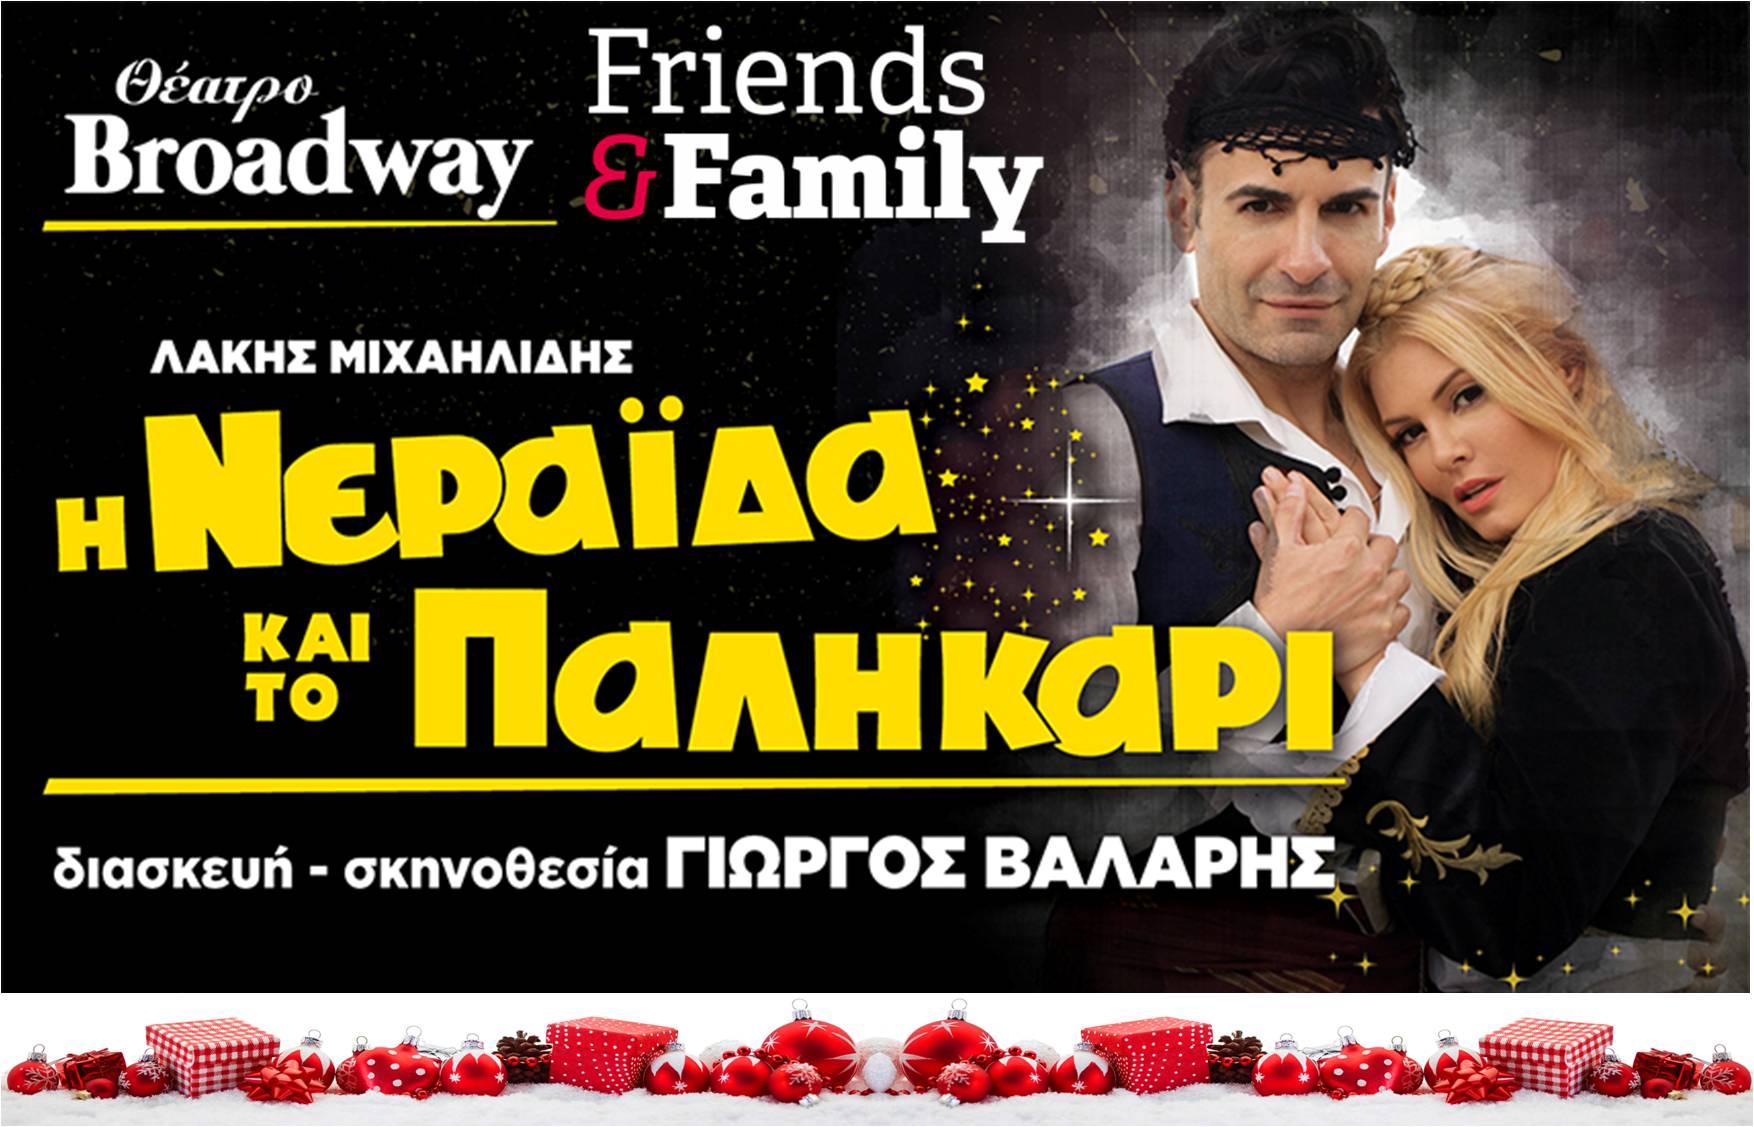 ''Η Νεράιδα και το Παληκάρι'' Friends & Family Πακέτο! Από 8€/άτομο στη θεατρική υπερπαραγωγή του Χειμώνα, από τον σκηνοθέτη των επιτυχιών Γ.Βάλαρη, στο Broadway! Mε τους Μ.Κορινθίου, Π.Πετράκη, Γ.Κωνσταντίνου, Χ.Διαβάτη, πολυμελή θίασο & το δημοφιλή Κρητικό λυράρη ΝΙΚΟ ΖΩΙΔΑΚΗ! εικόνα